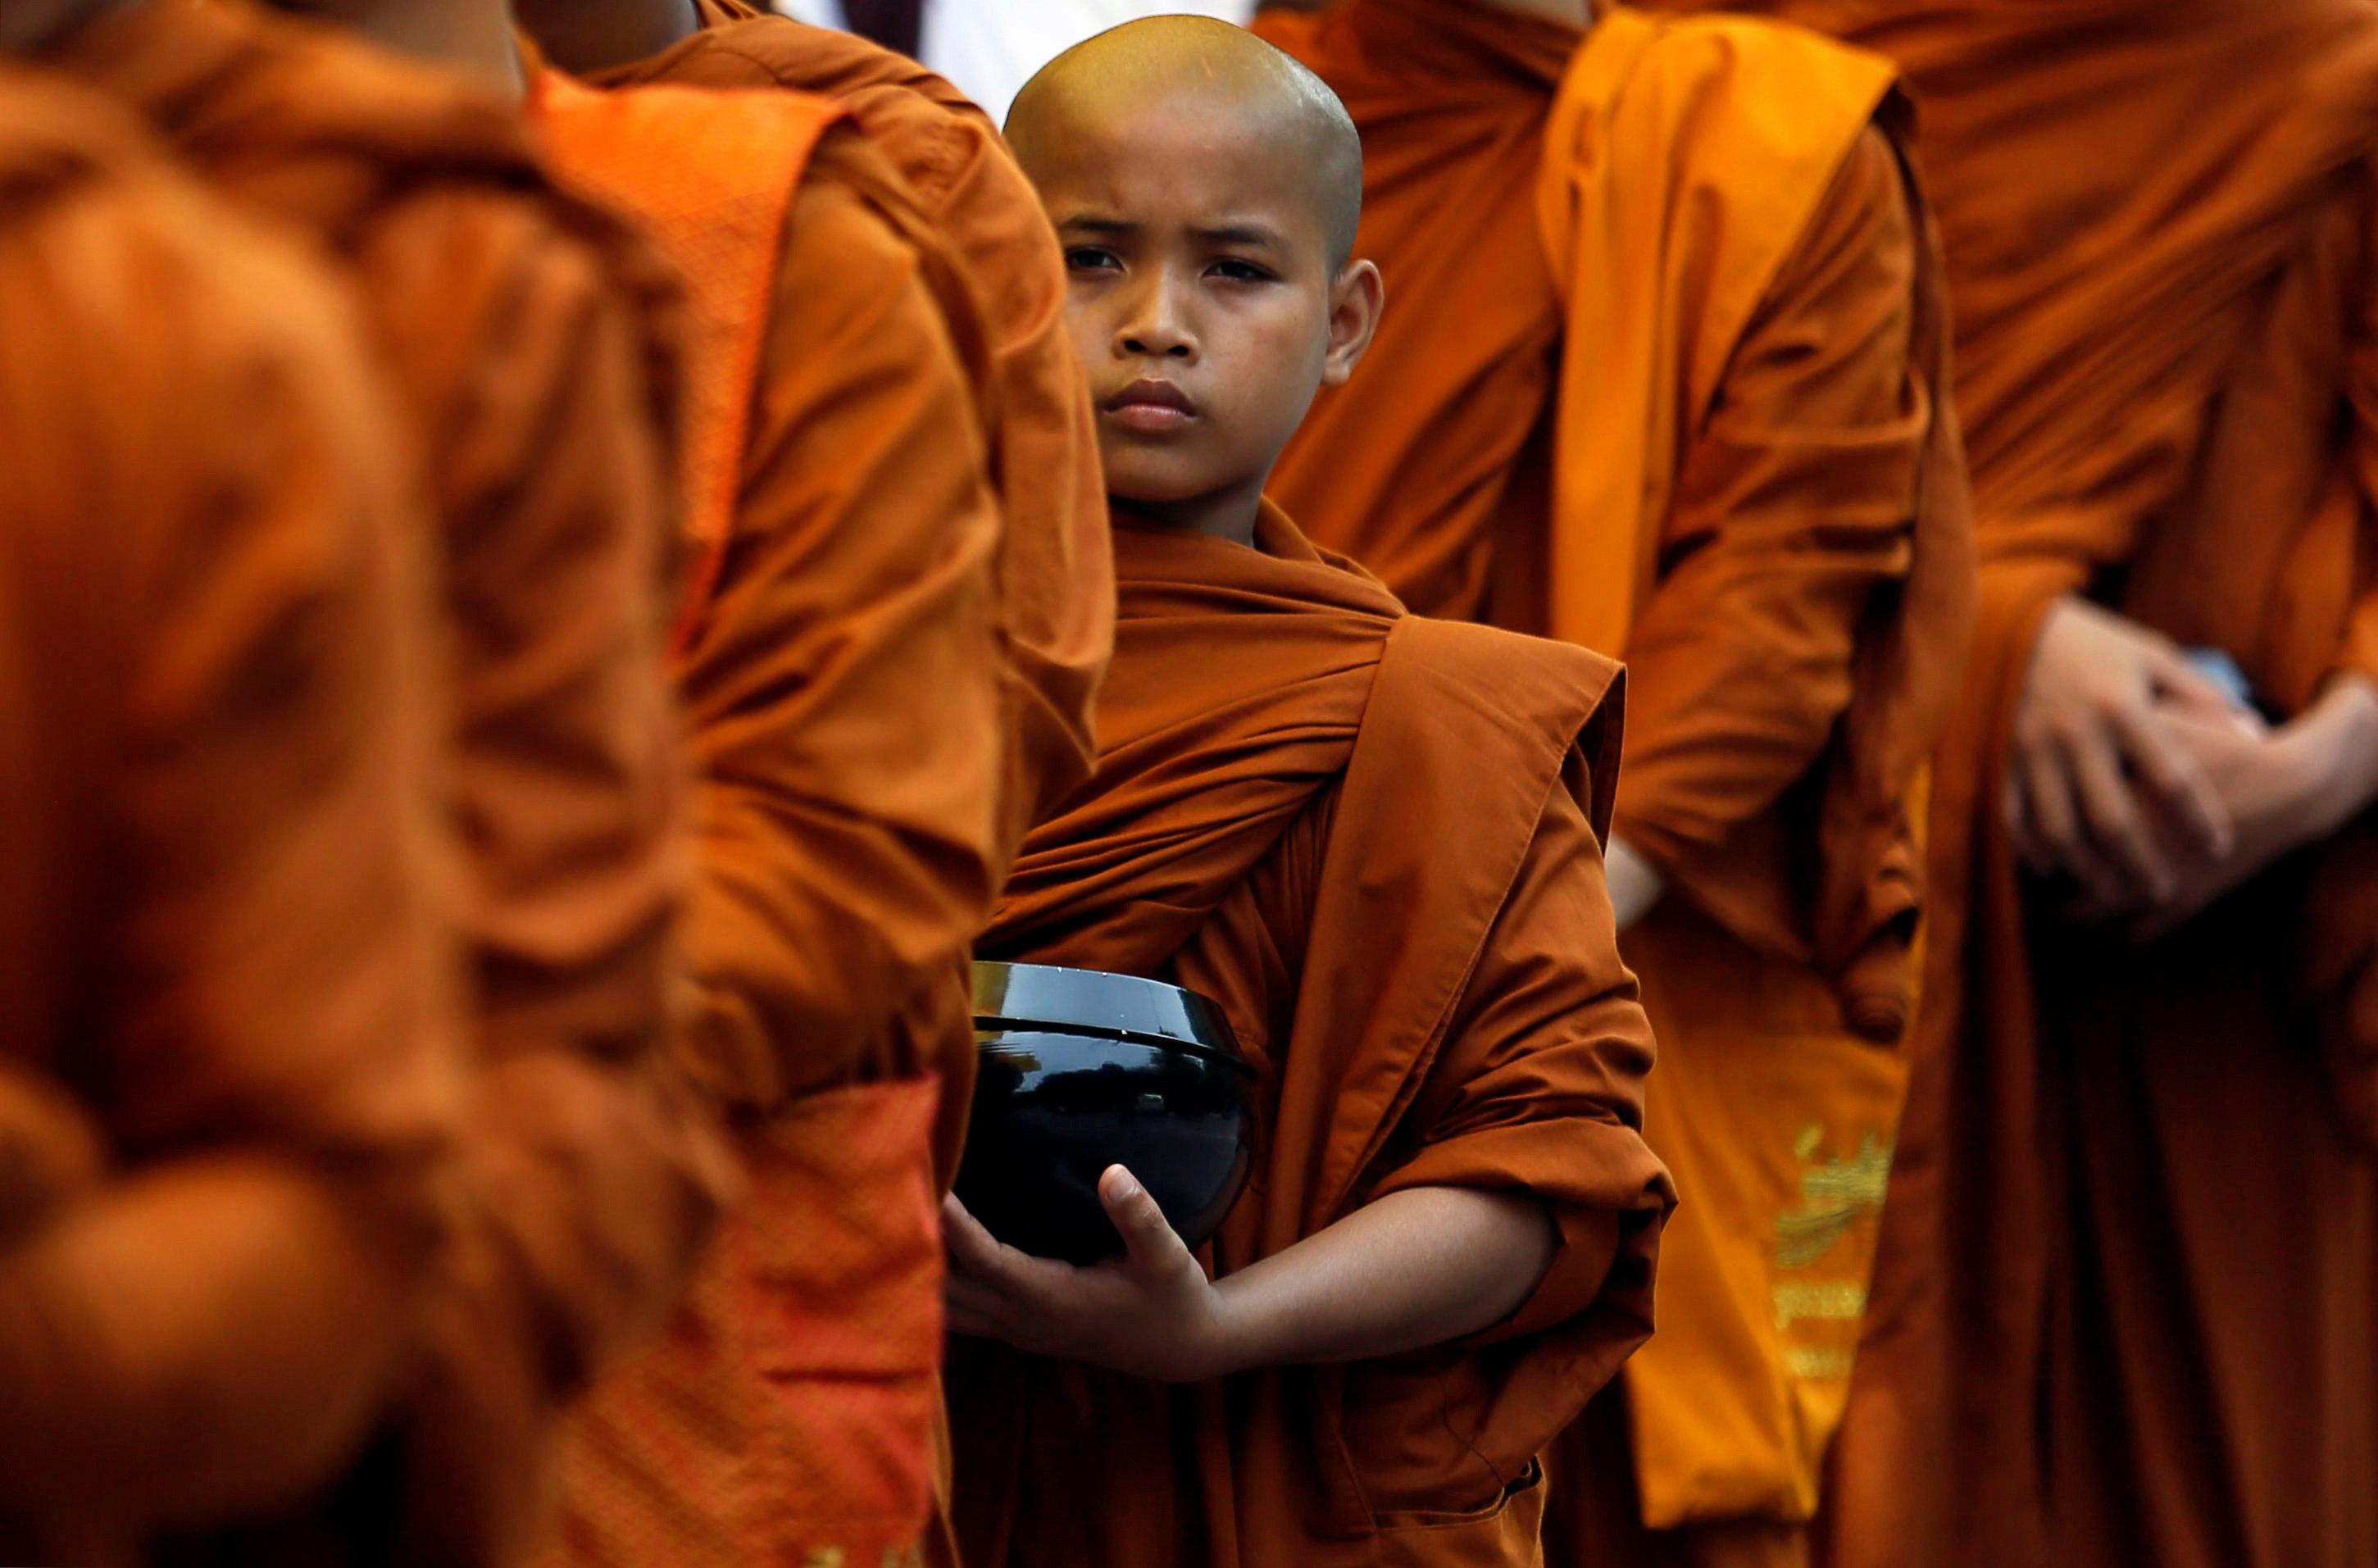 2017 05 11T063309Z 1644504143 RC15DC5C92A0 RTRMADP 3 RELIGION VESAK SRI LANKA